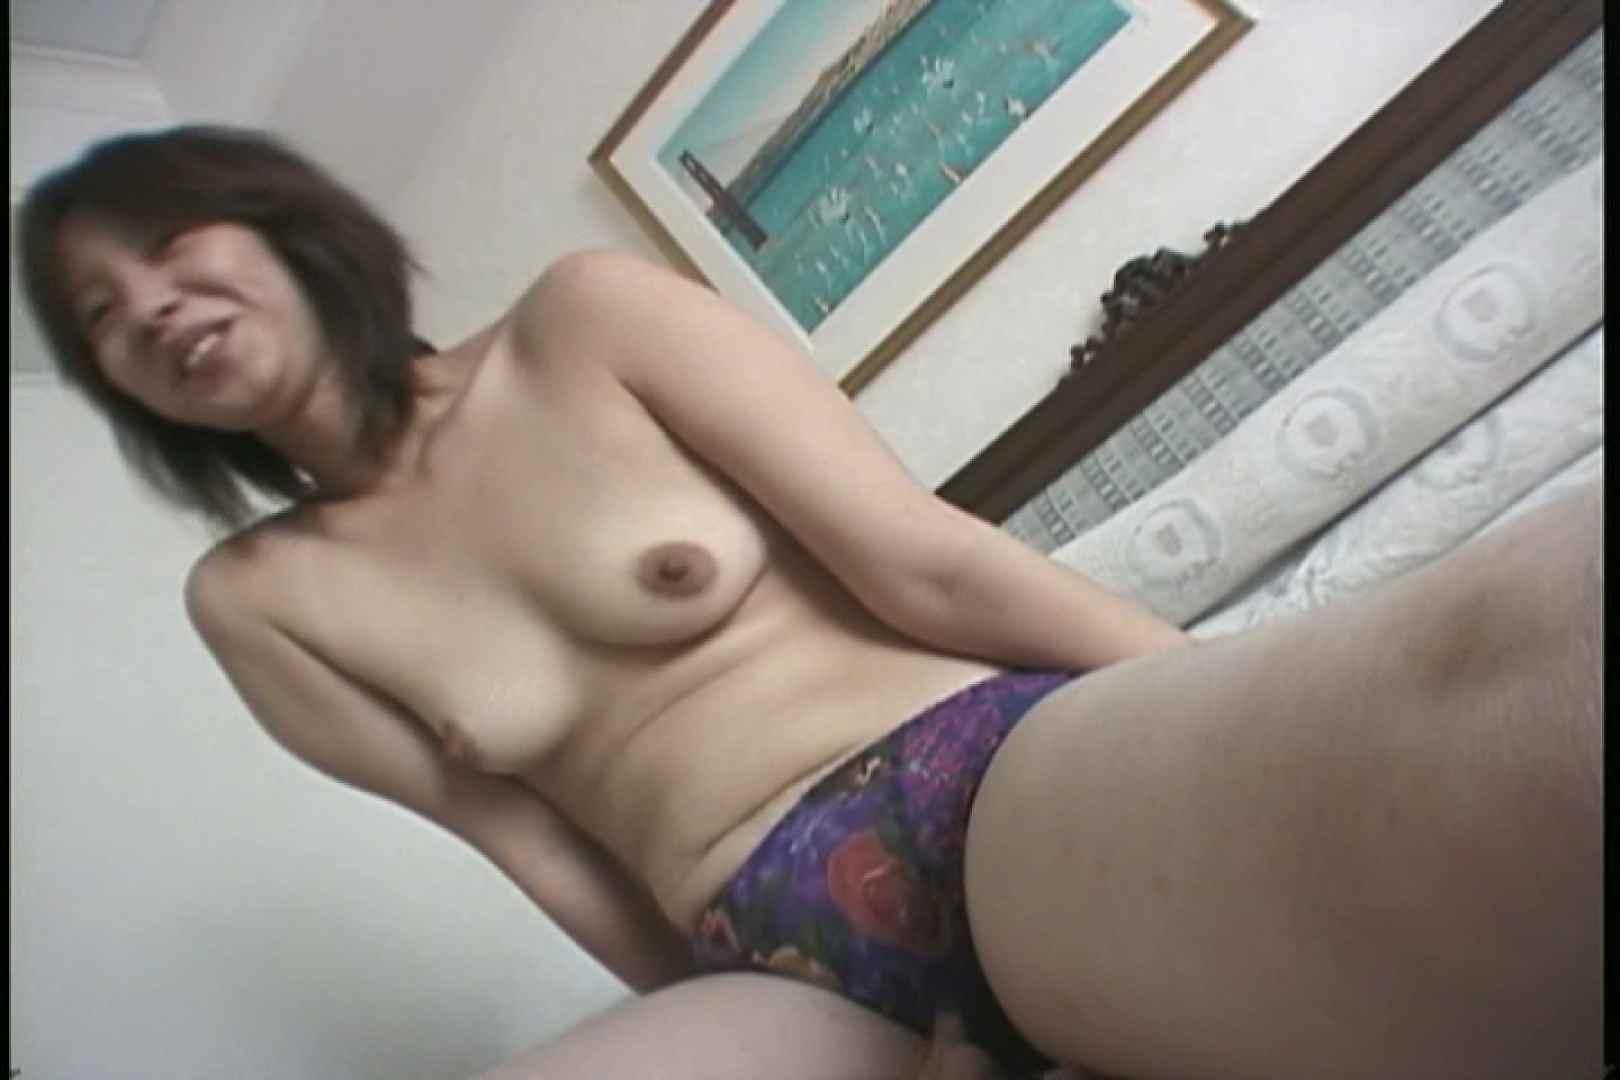 初めてのビデオ撮影に緊張する素人OLとセックス~武田じゅん~ 素人 | ギャル達のセックス  82画像 55